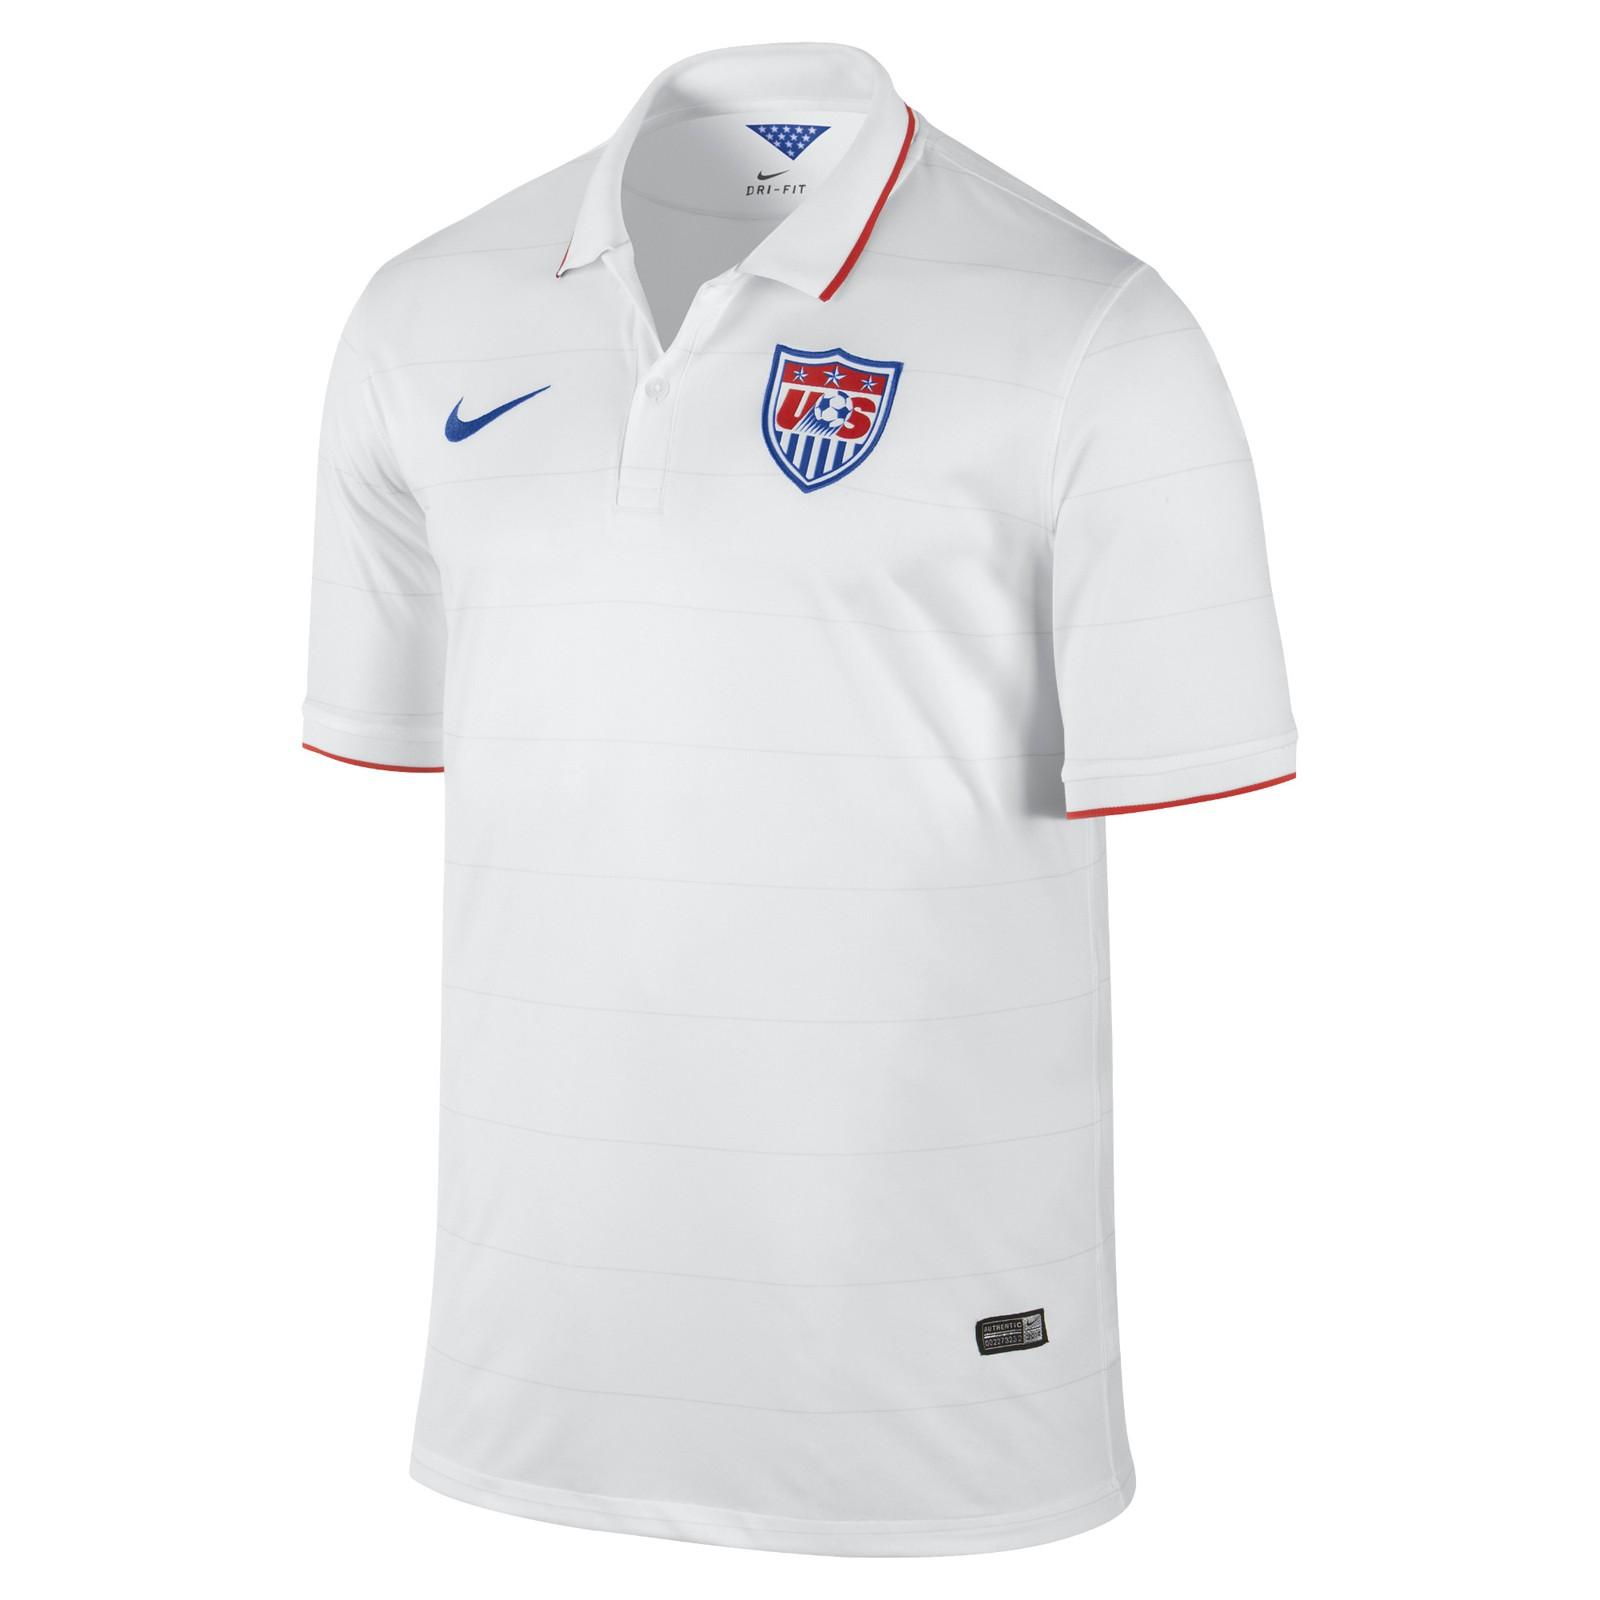 美国国家队2014世界杯球迷版主场球衣